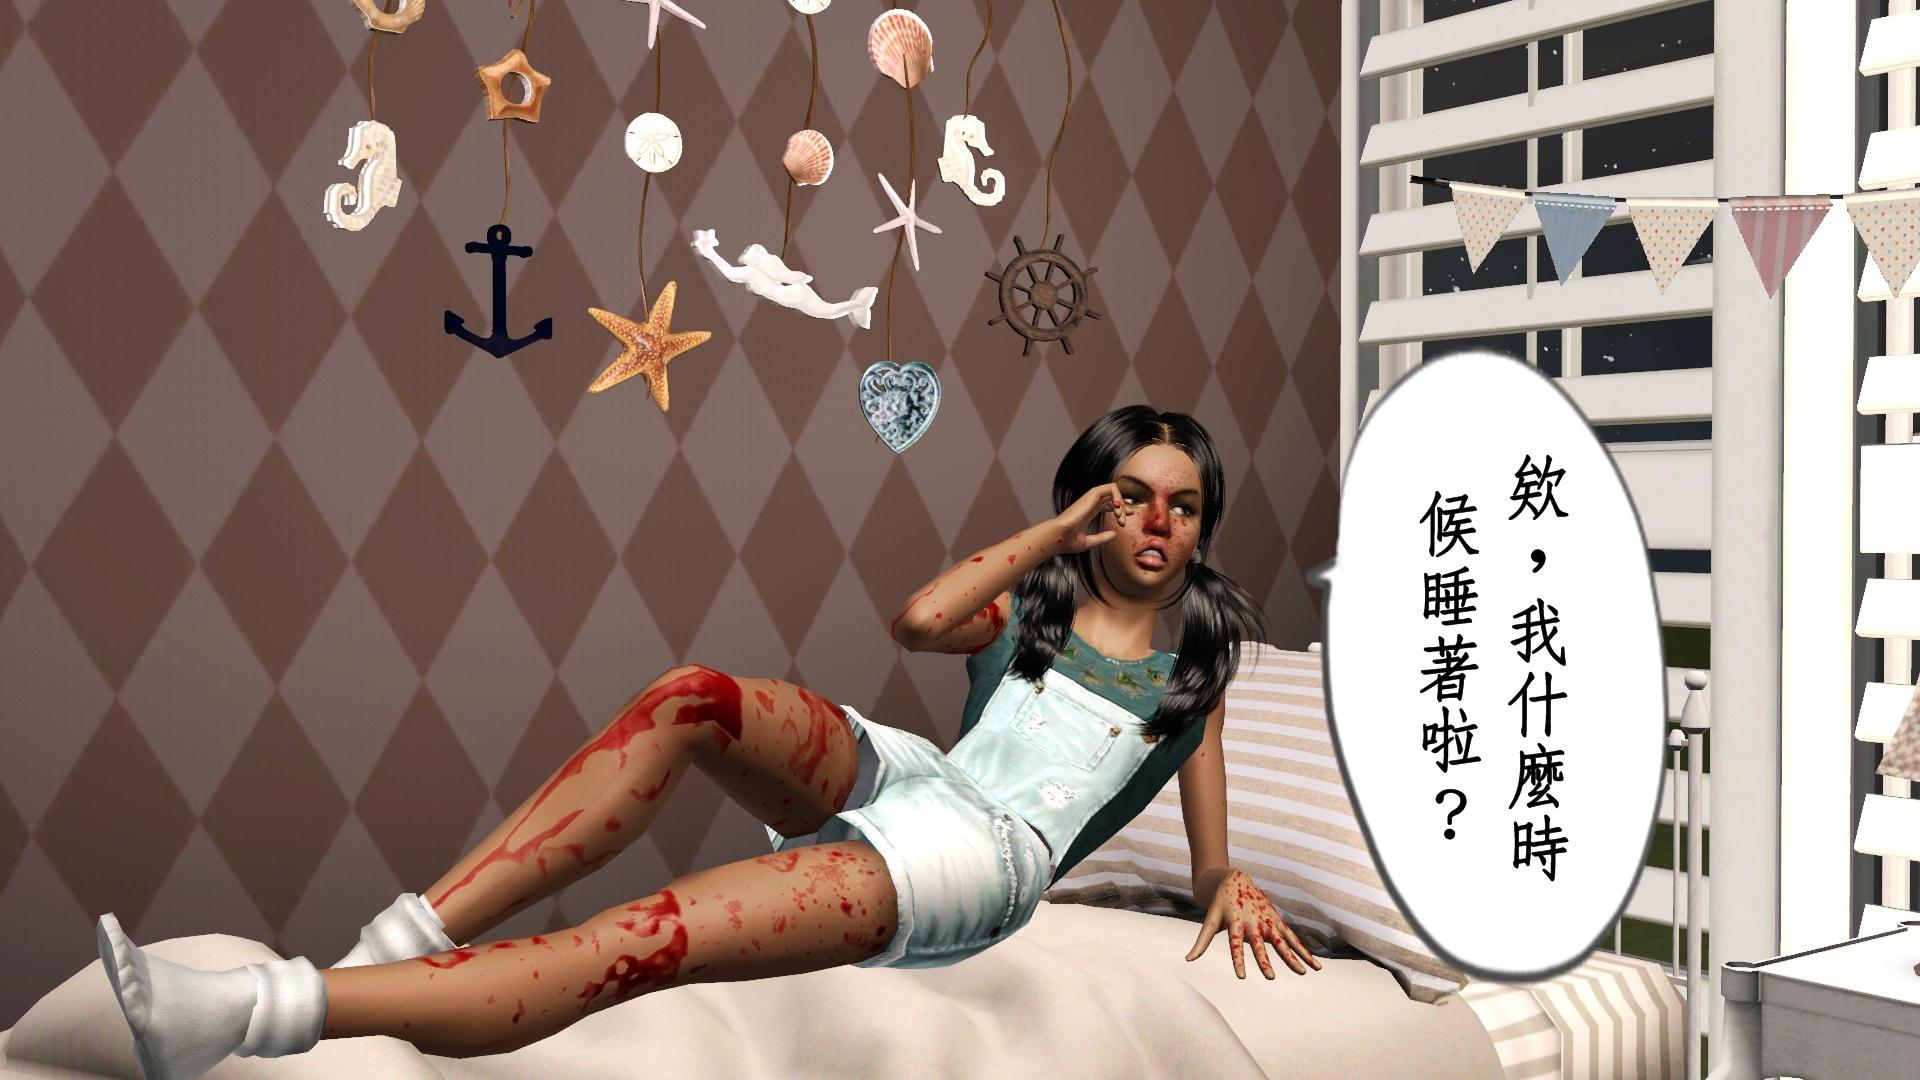 A03欸,我什麼時候睡著啦?.jpg